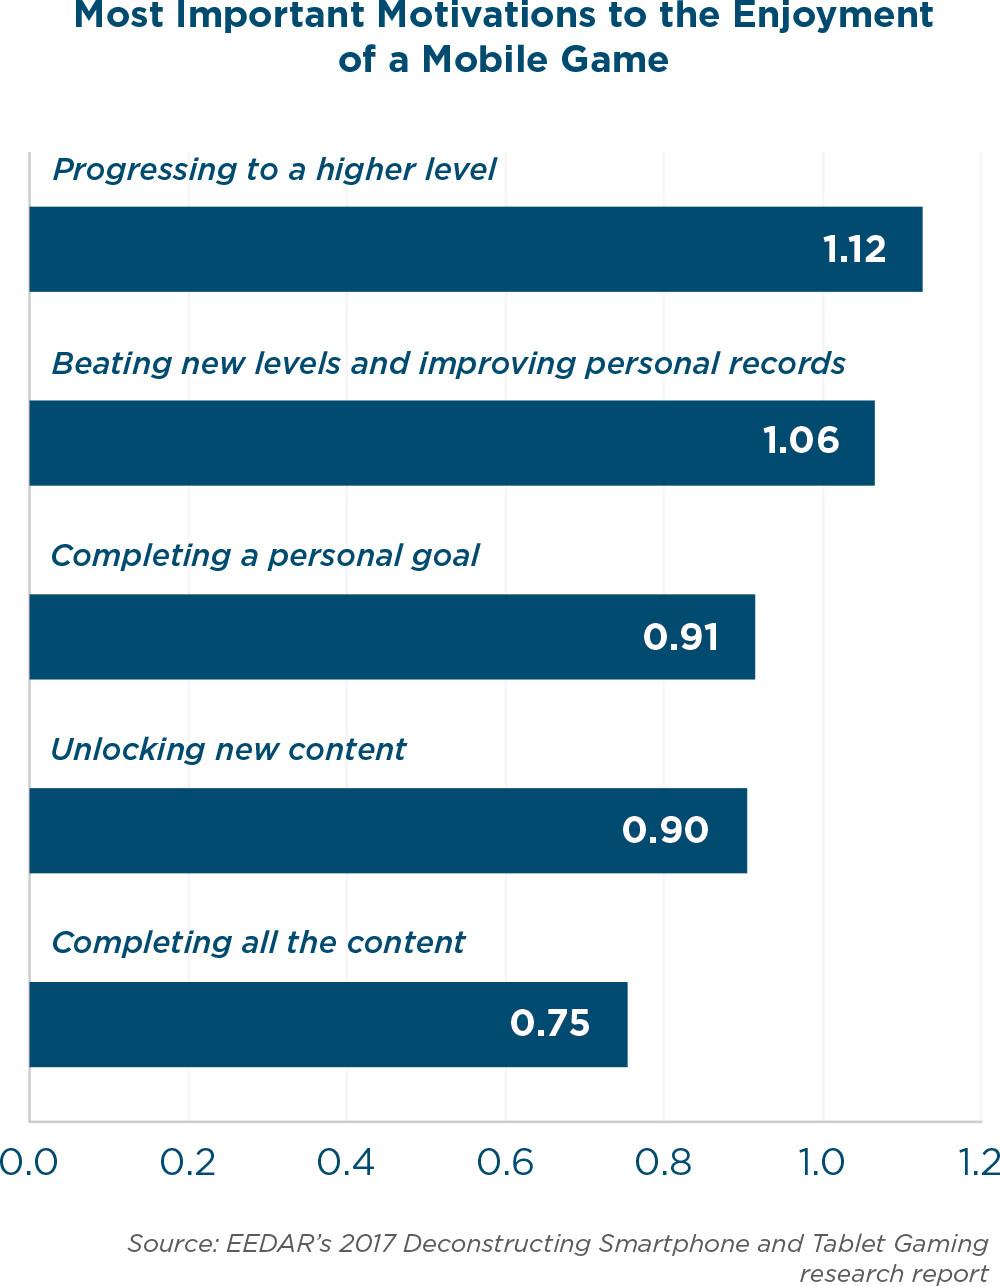 Прогресс – главный мотиватор для дальнейшей игры. Так считают мобильные геймеры США и Канады.